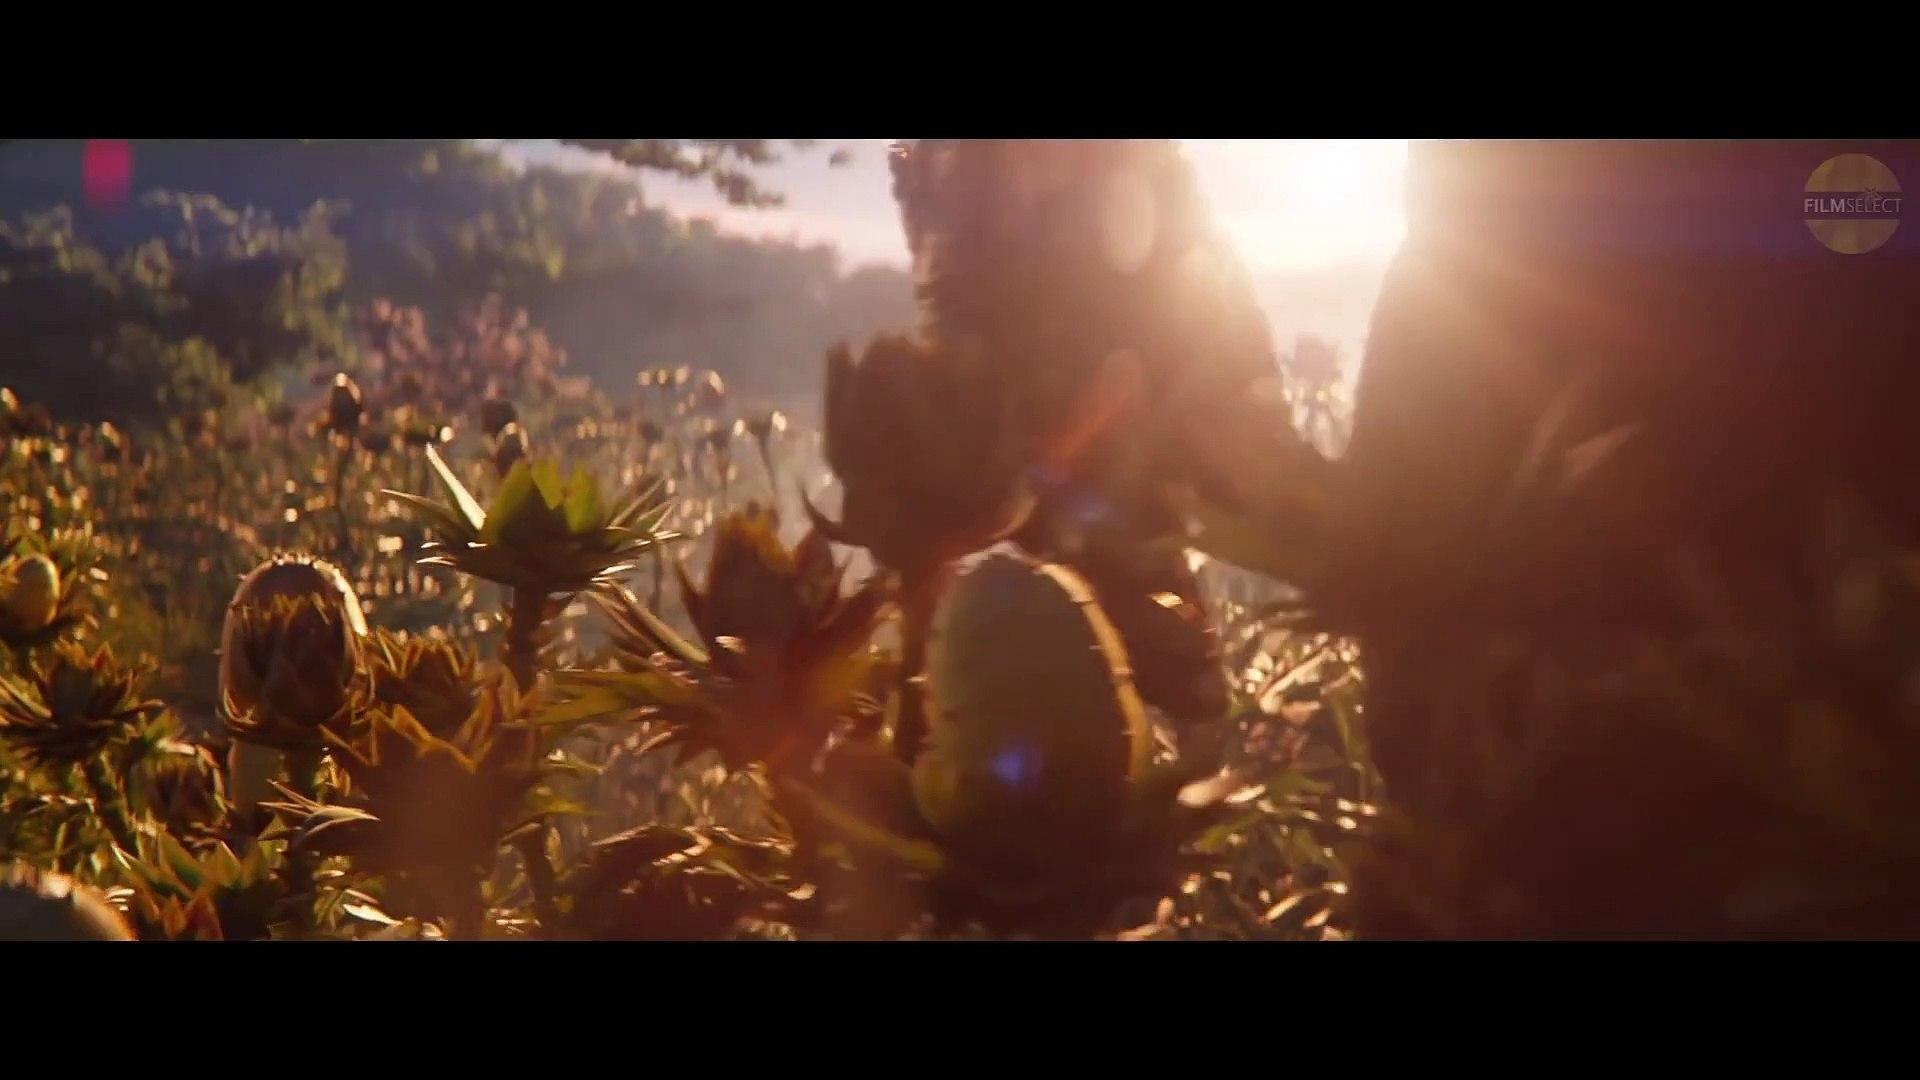 AVENGERS 4 ENDGAME Trailer (2019)